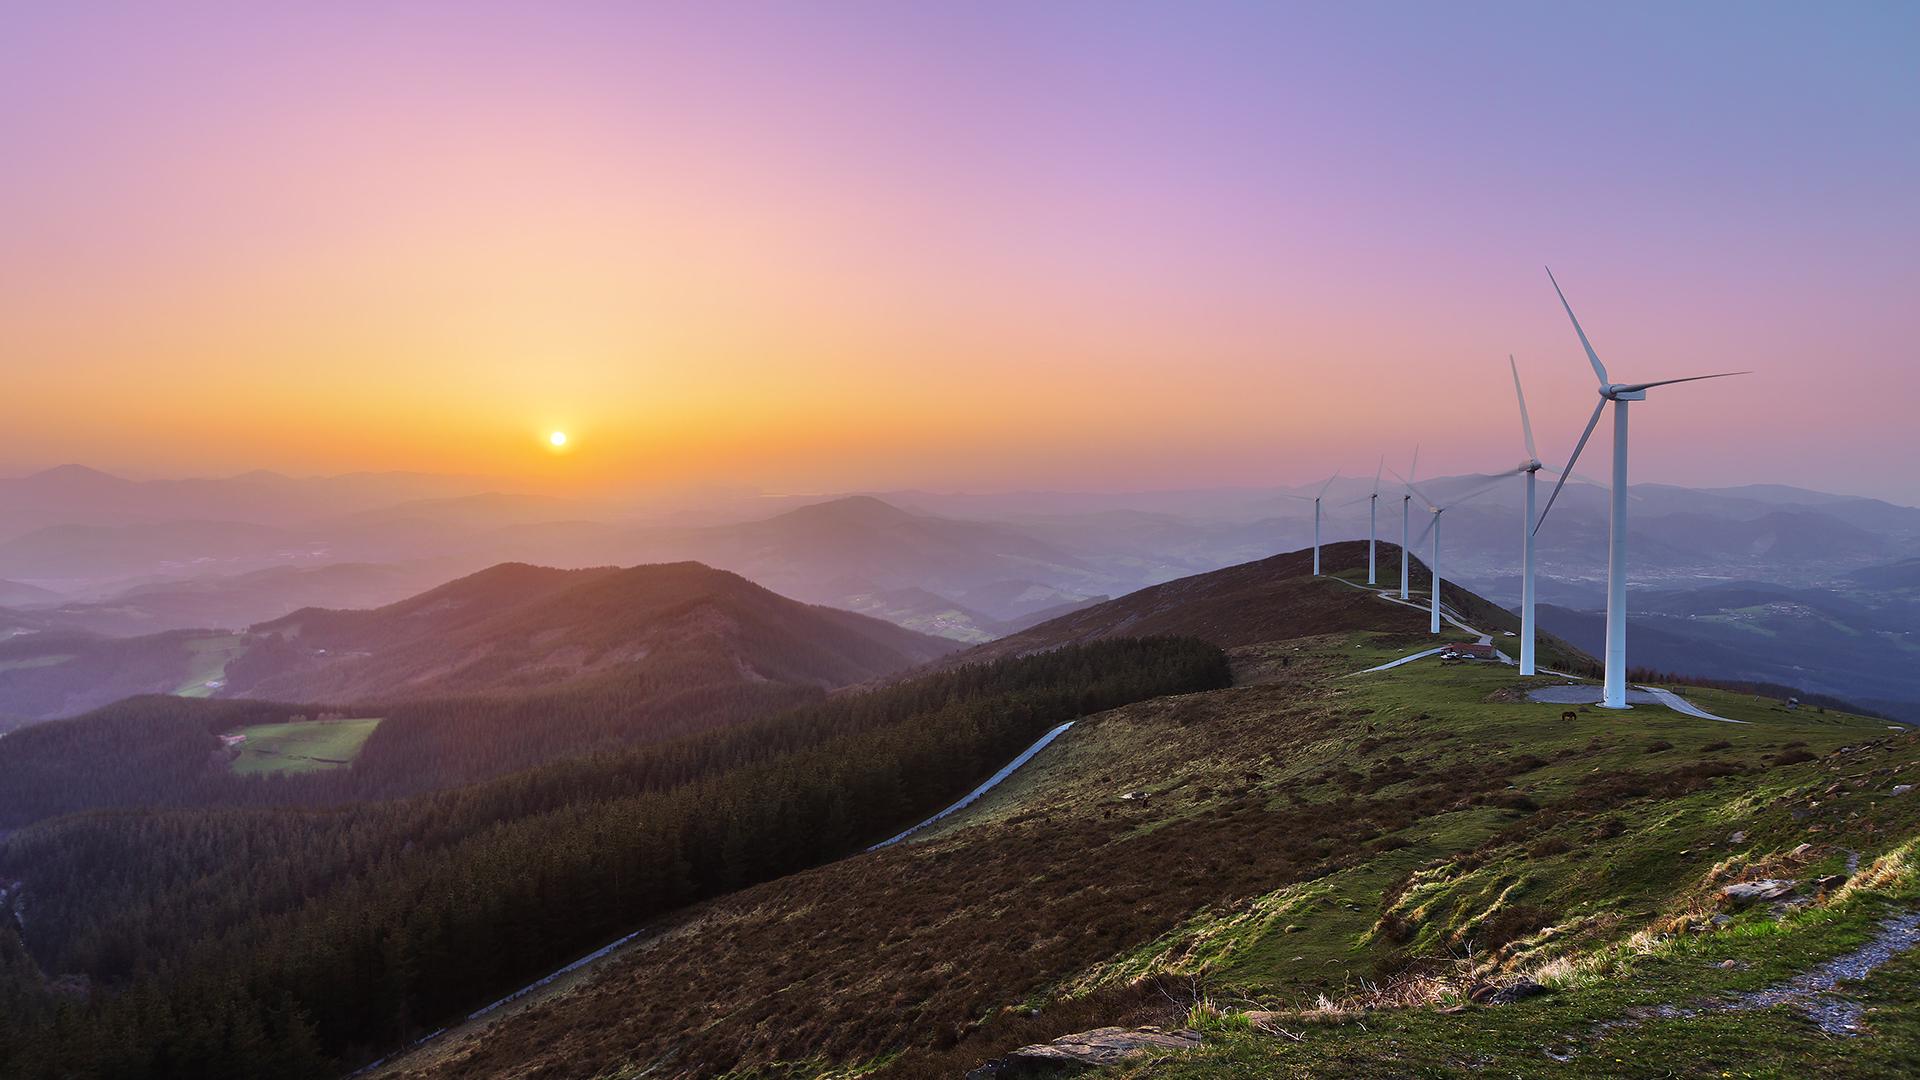 Winfarm on a hilltop